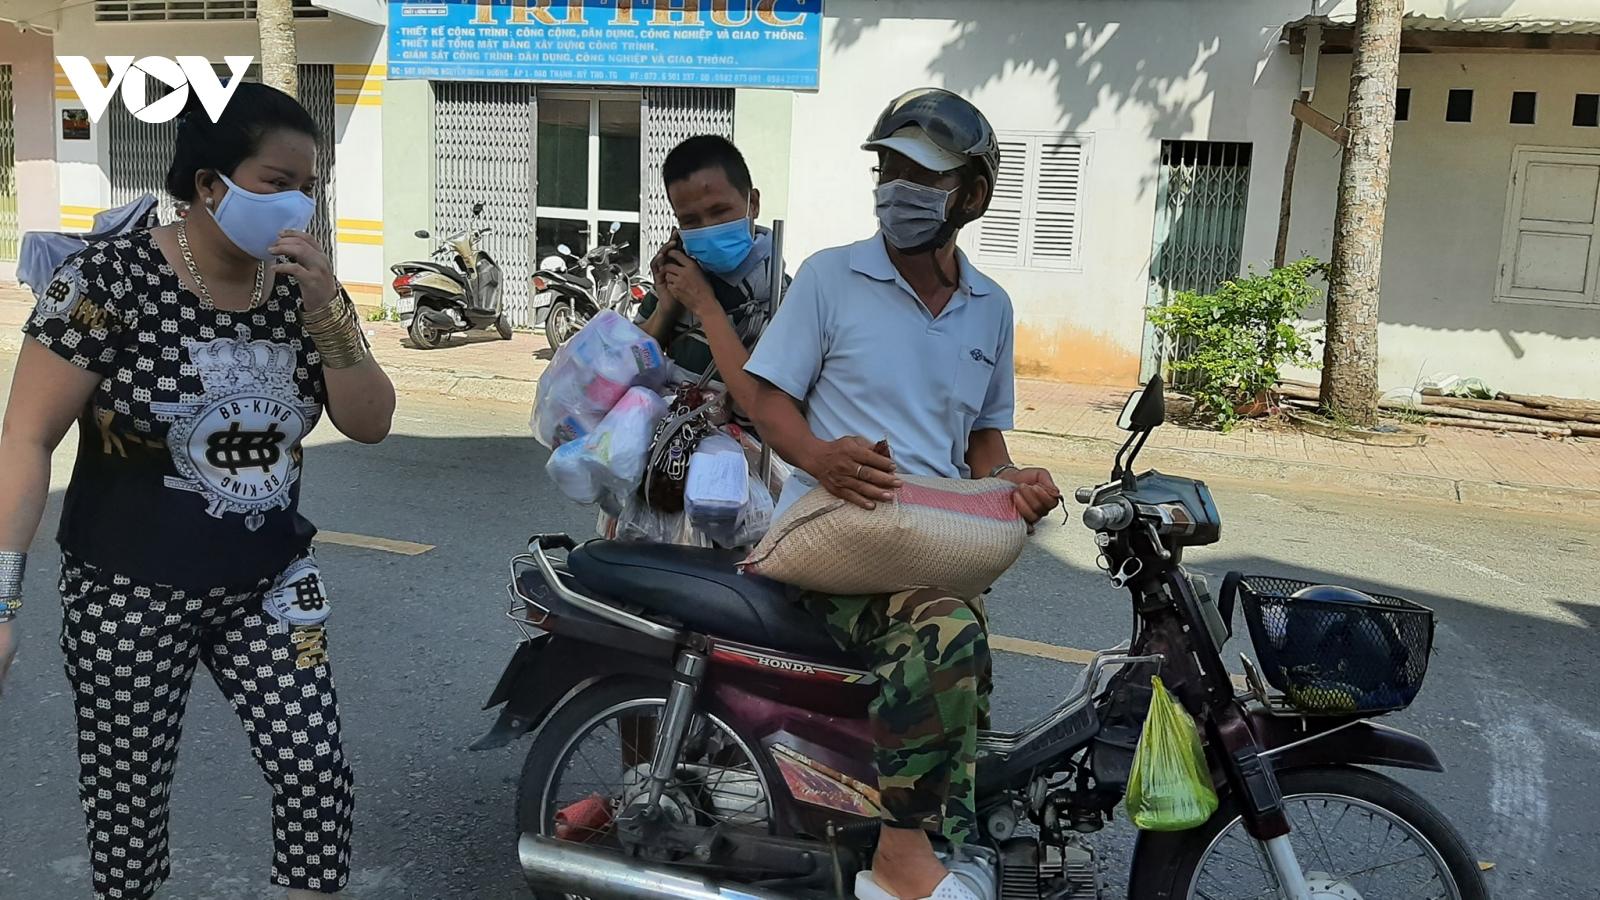 Hành động ấm lòng ở Tiền Giang giữa cơn đại dịch